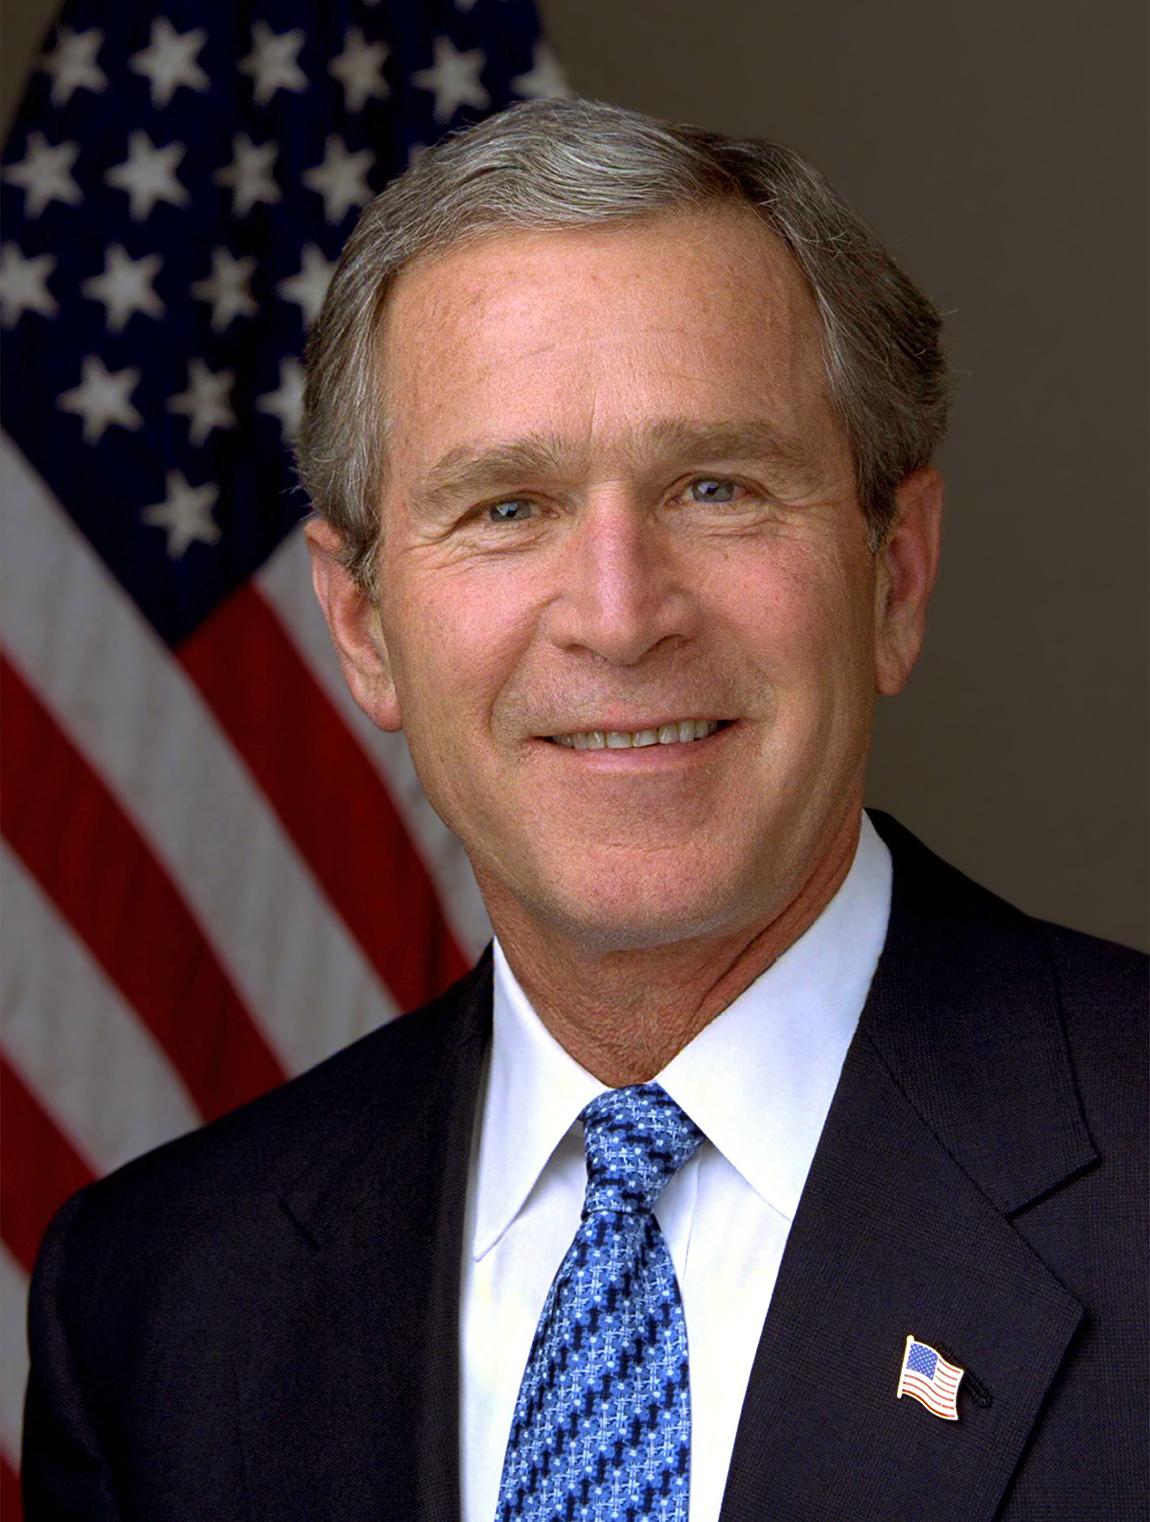 George-W-Bush_edit